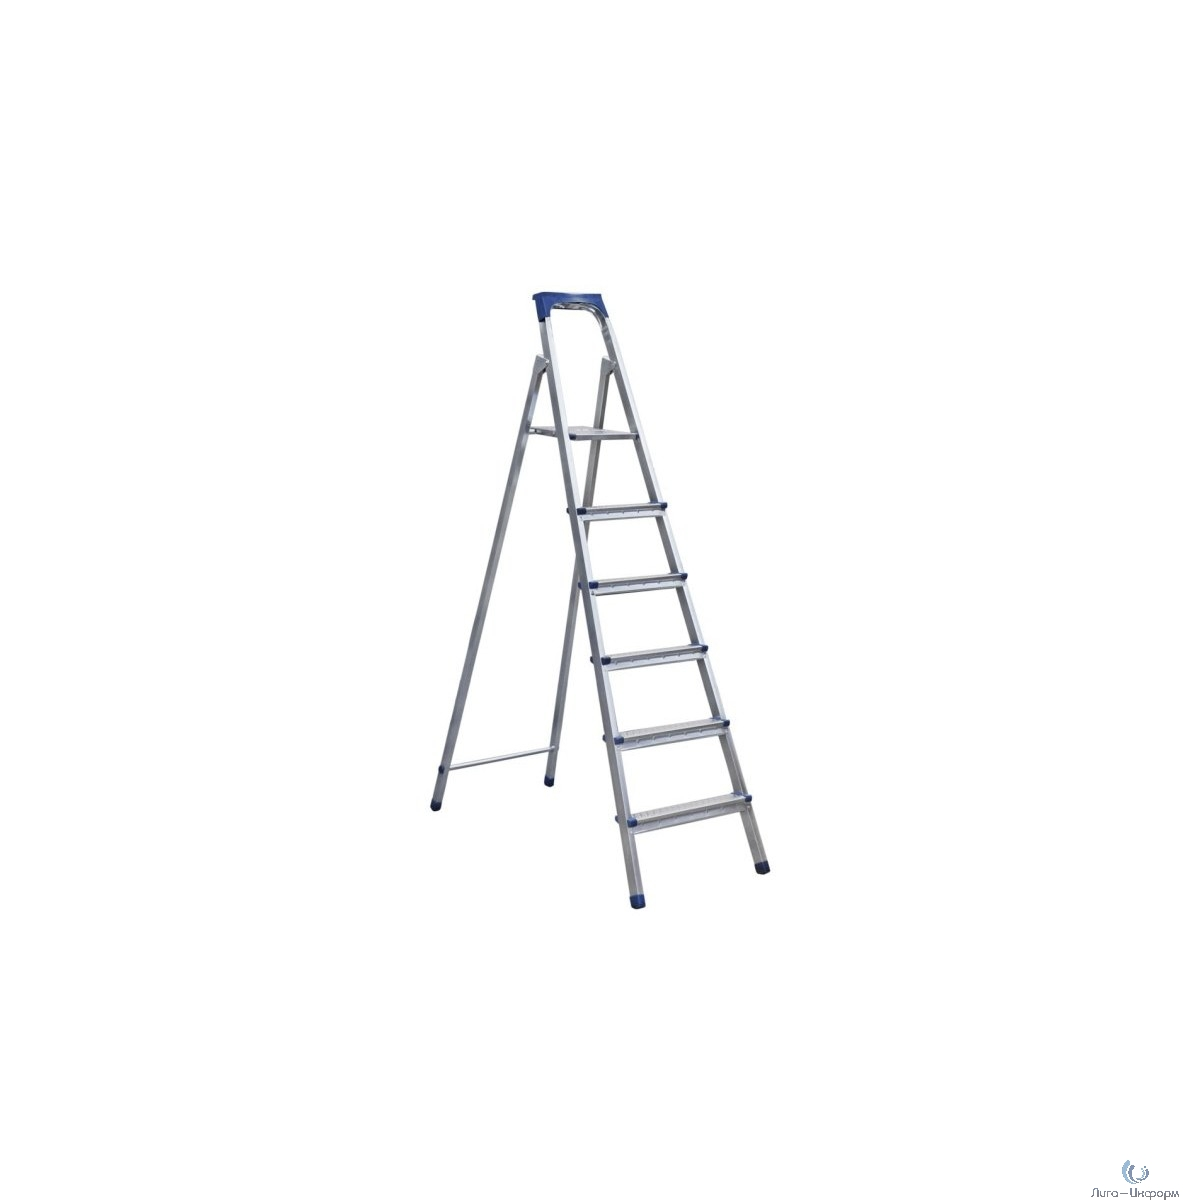 FIT КУРС РОС Лестница-стремянка стальная, 6 ступеней, вес 6,4 кг [65328]